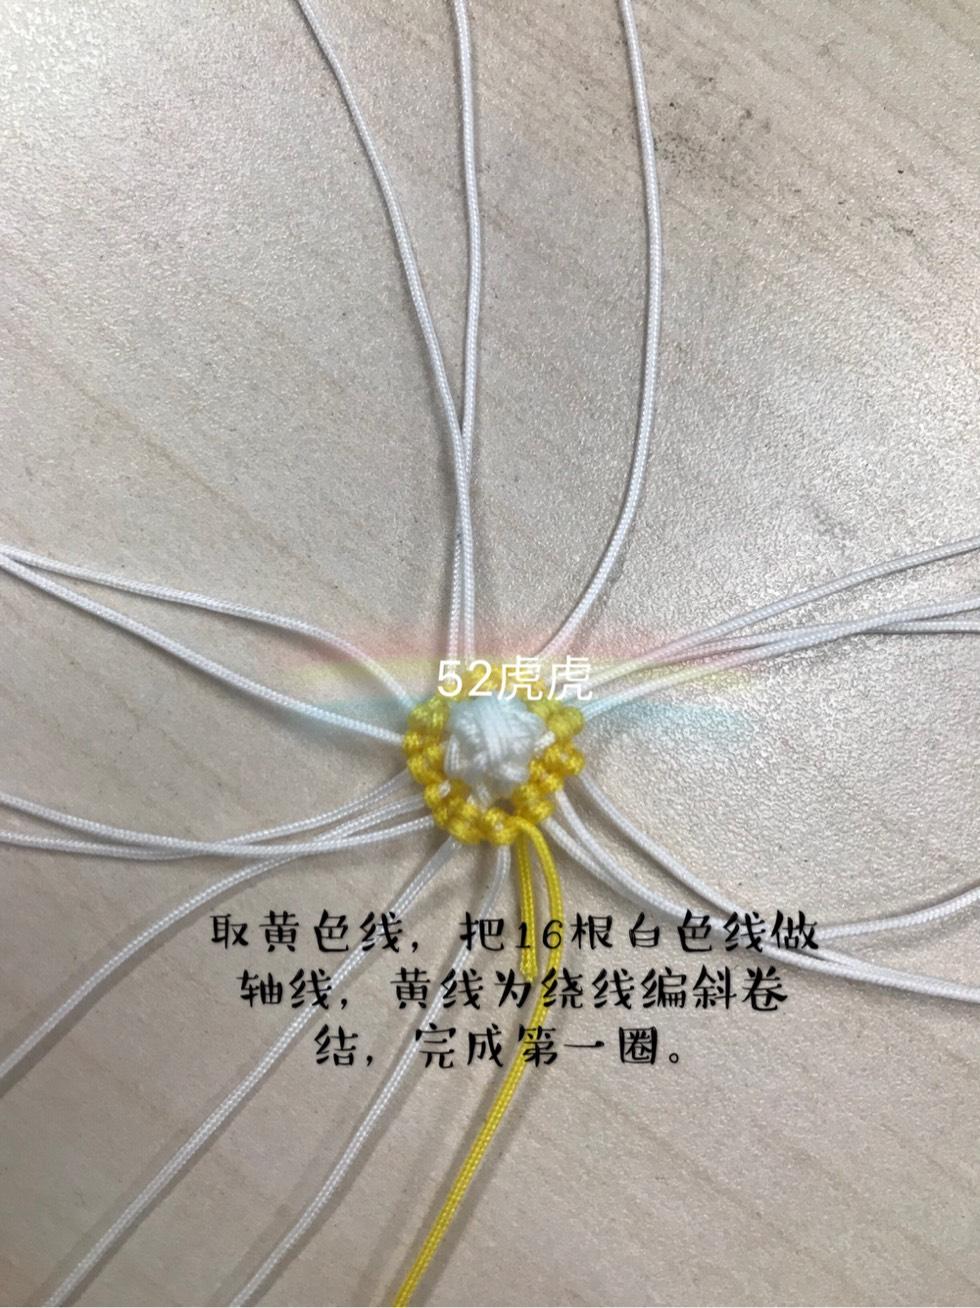 中国结论坛 小玉米 小玉米,玉米,迷你的小玉米叫什么,特别小的玉米叫什么,袖珍小玉米 图文教程区 130349yjbbijitwe7zddys